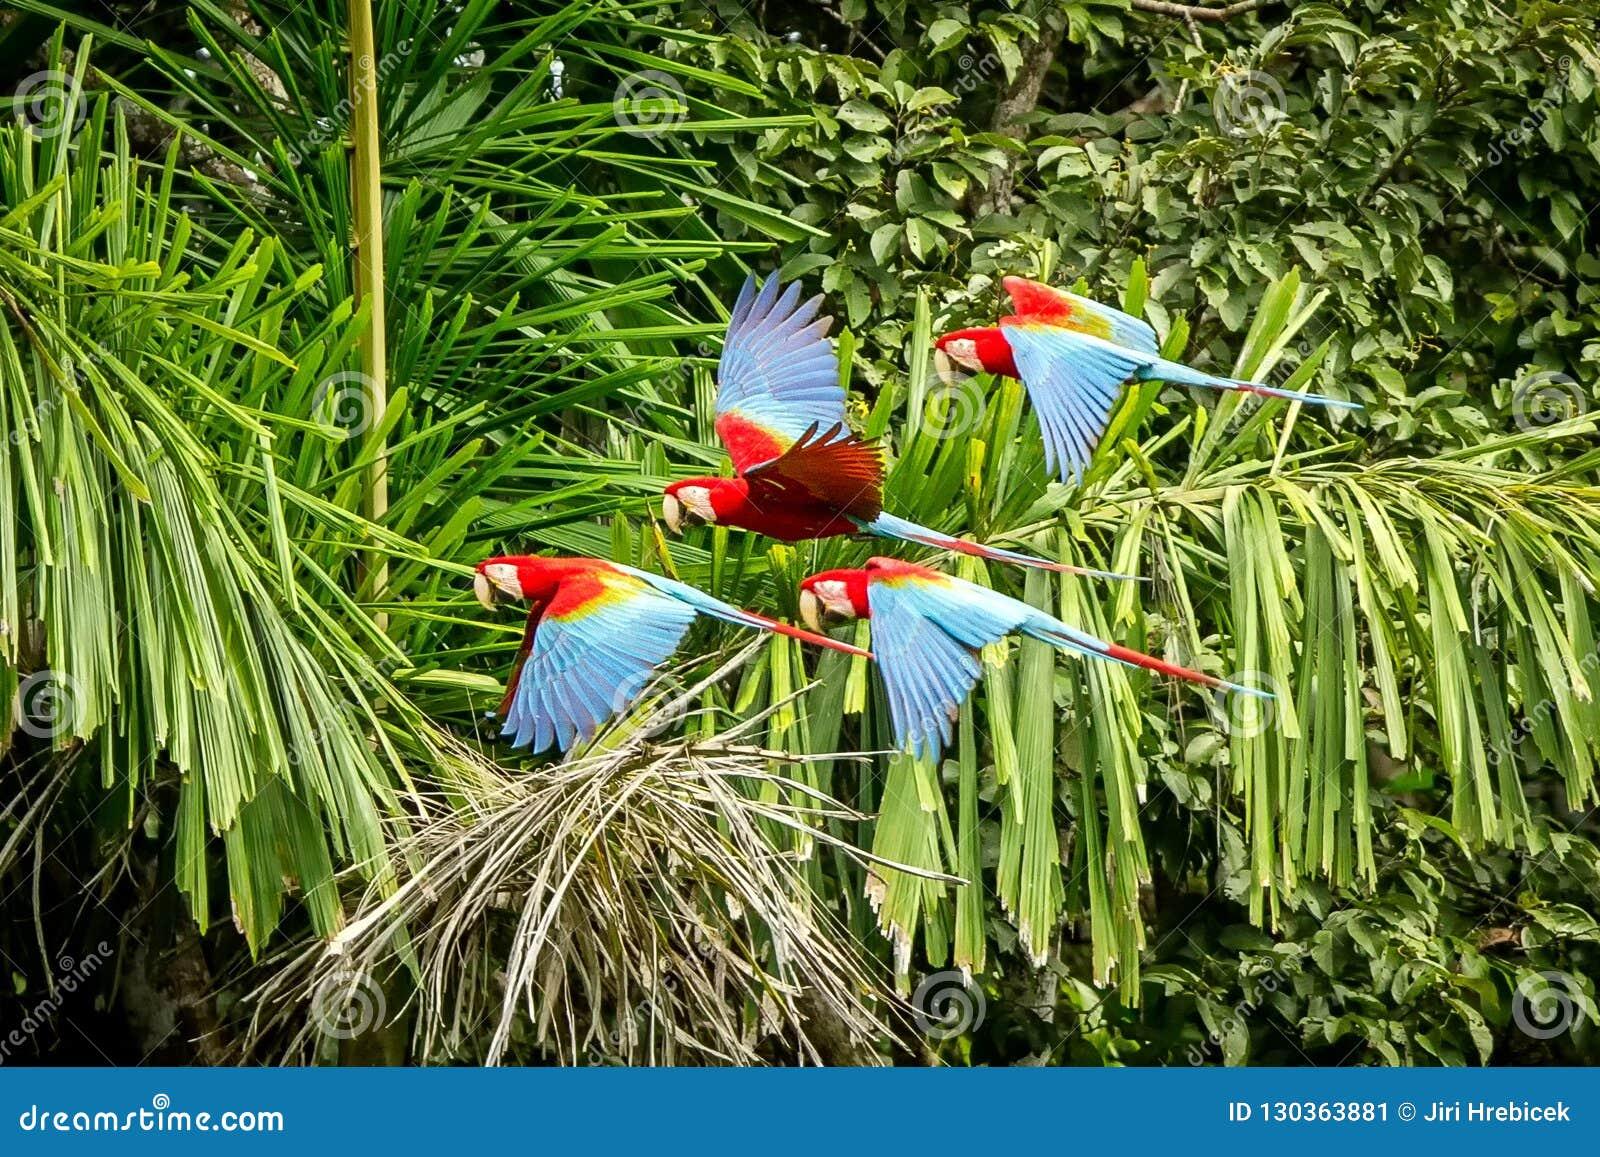 Troupeau de perroquet rouge en vol Vol d ara, végétation verte à l arrière-plan Ara rouge et vert dans la forêt tropicale, Pérou,